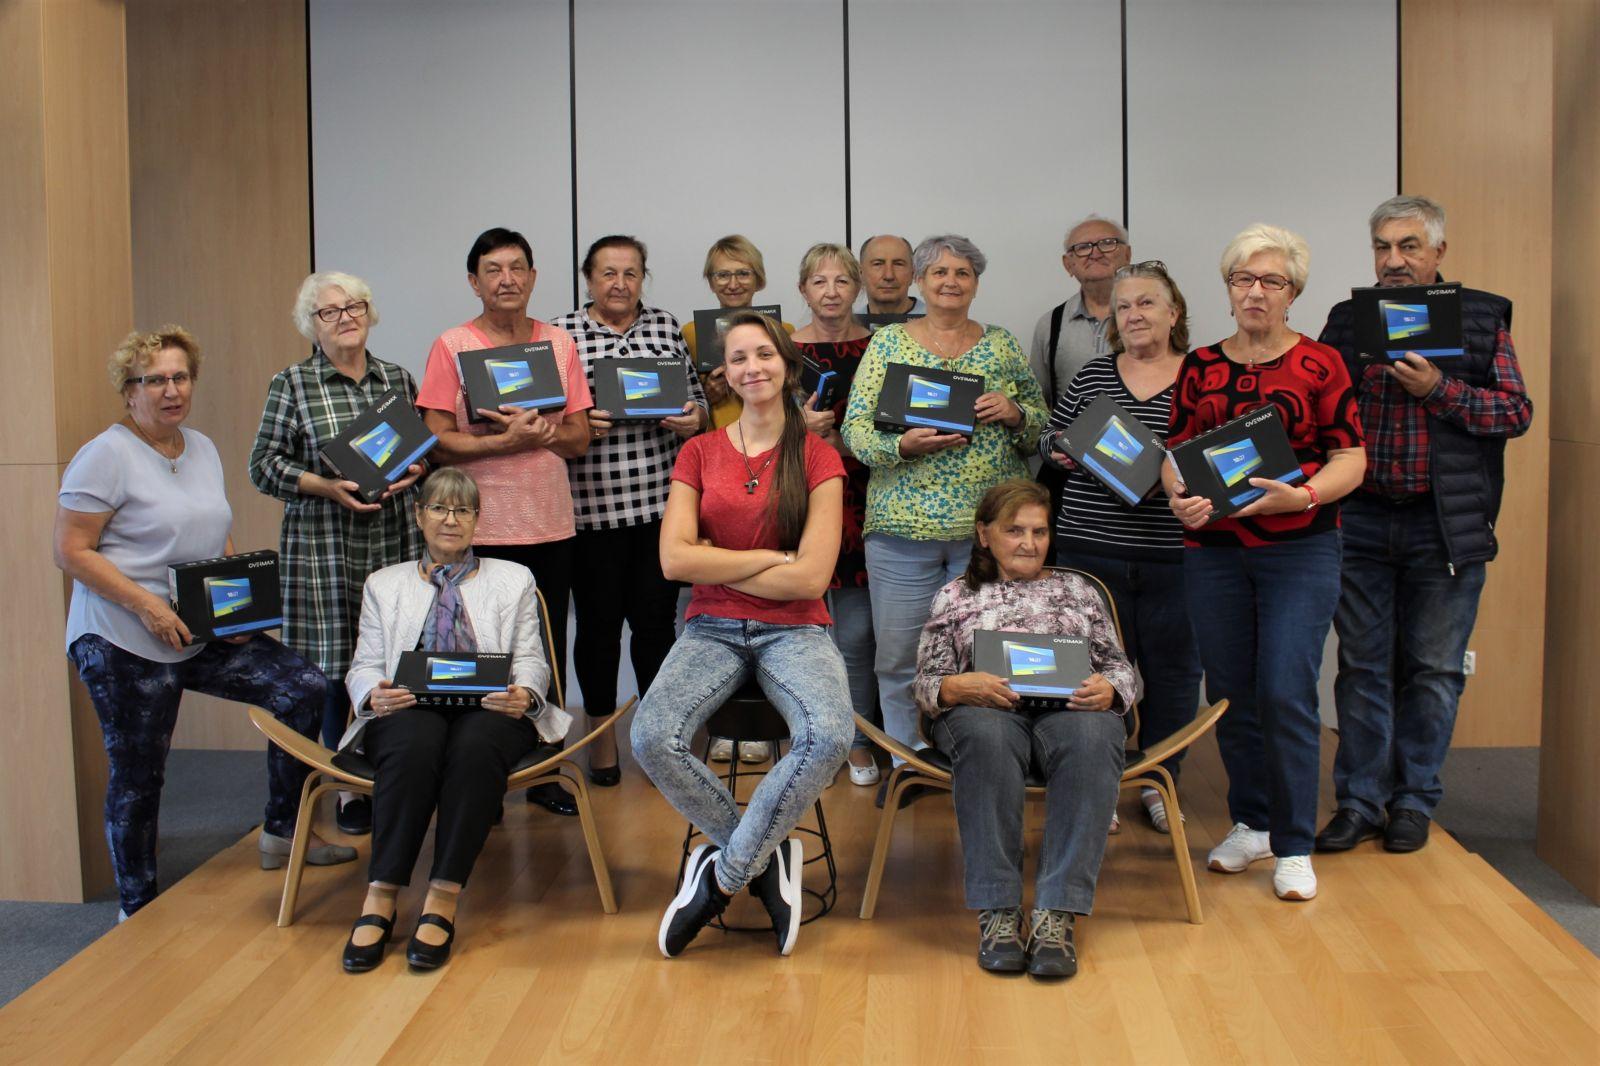 Fotografia grupy starszych ludzi trzymających w rękach pudełka z tabletami.